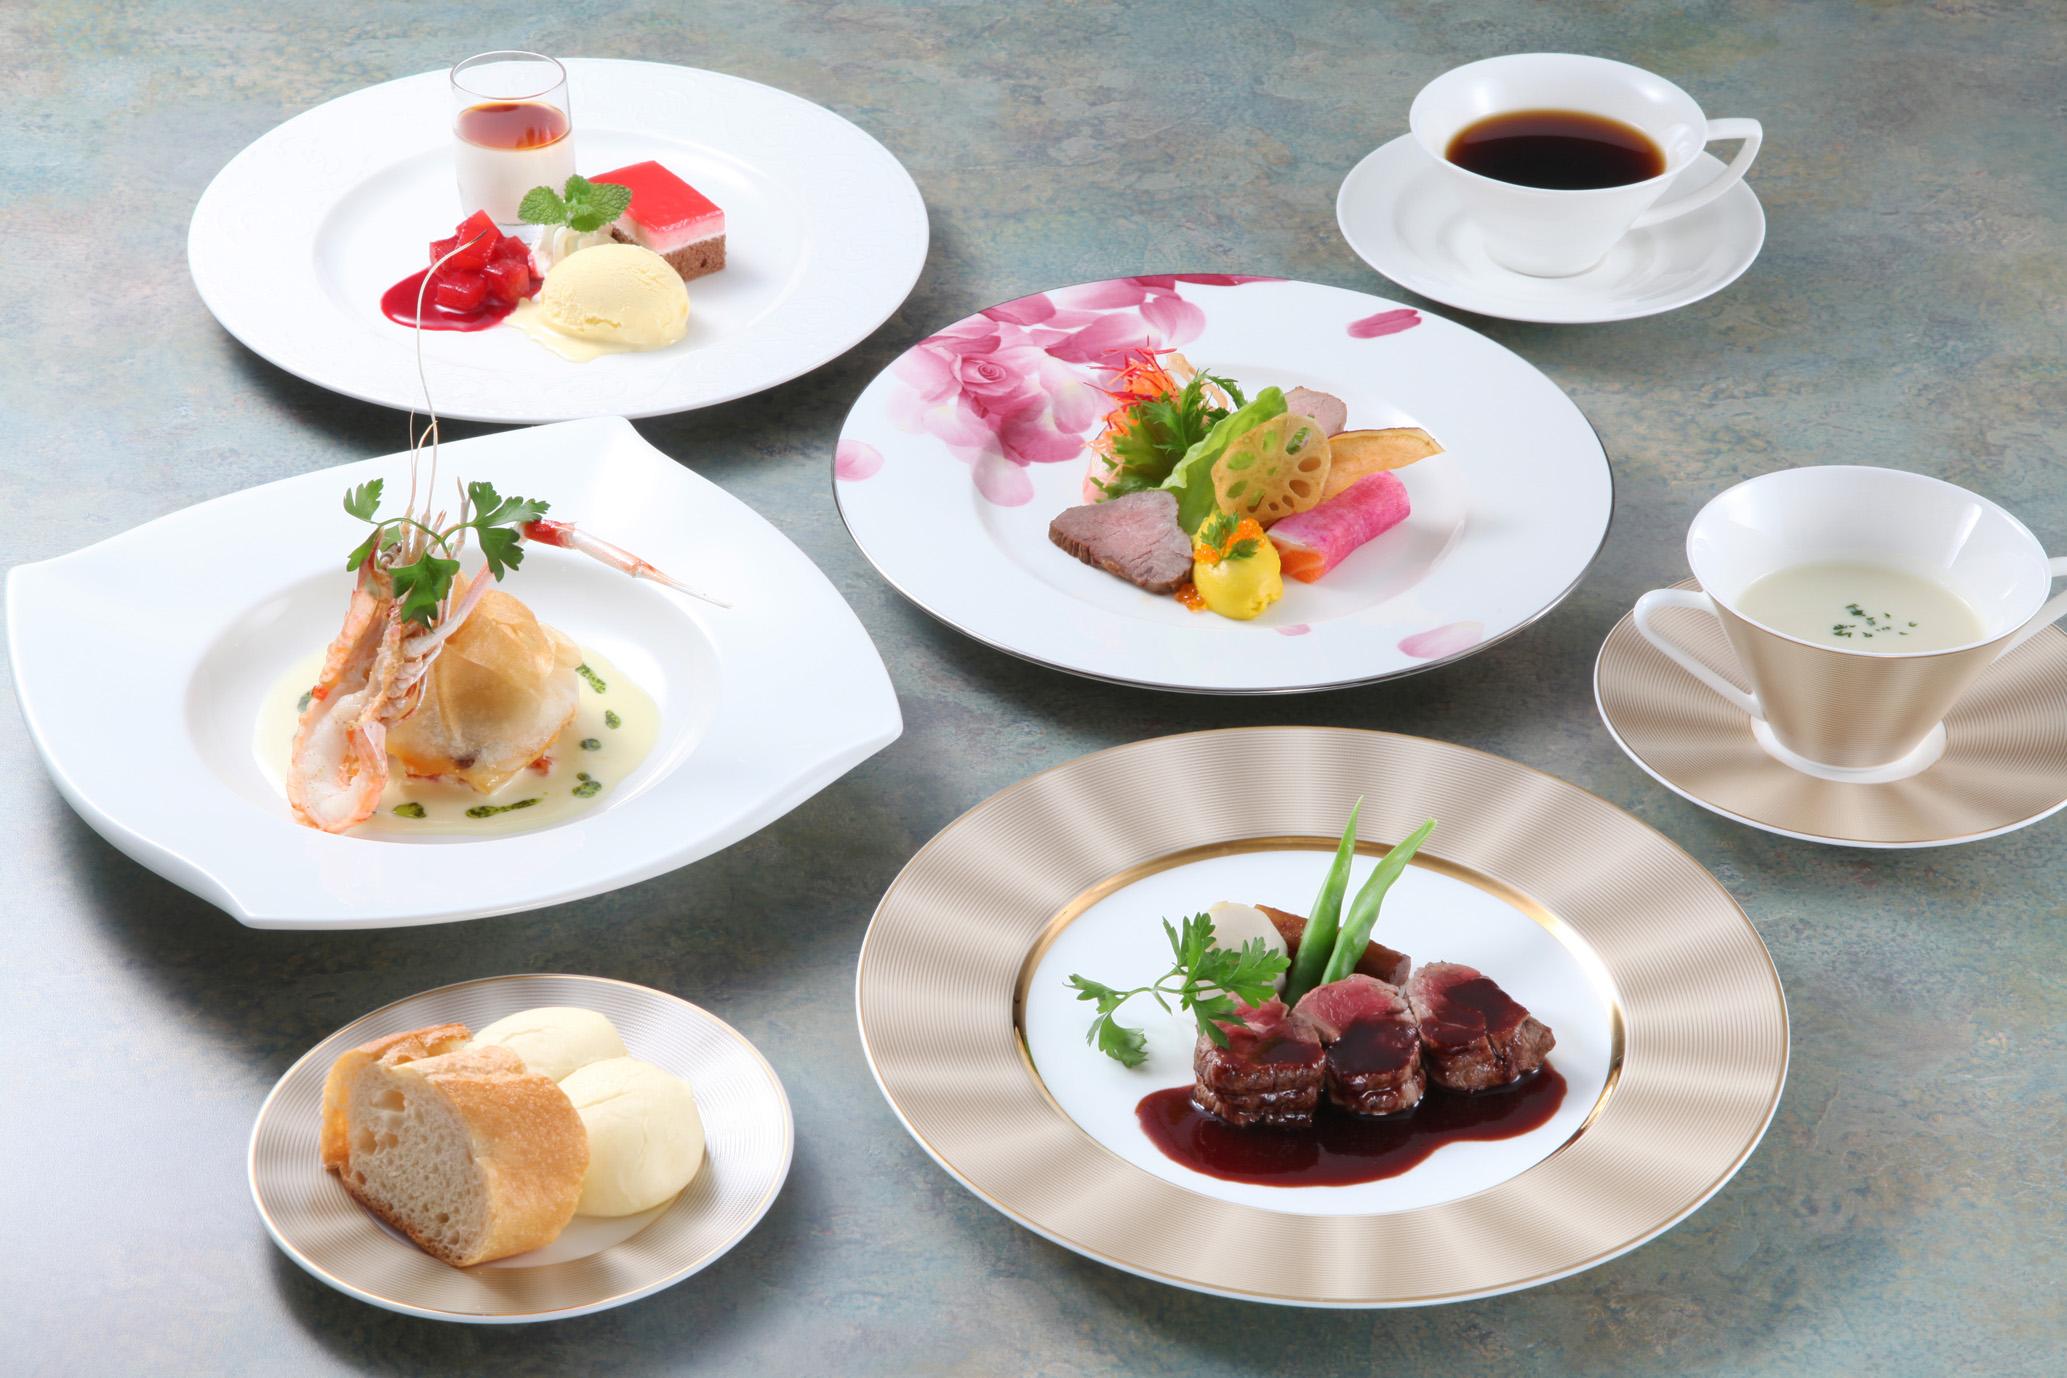 神石高原のシェフがお届けするフレンチベースのお料理はソース使いにも注目です